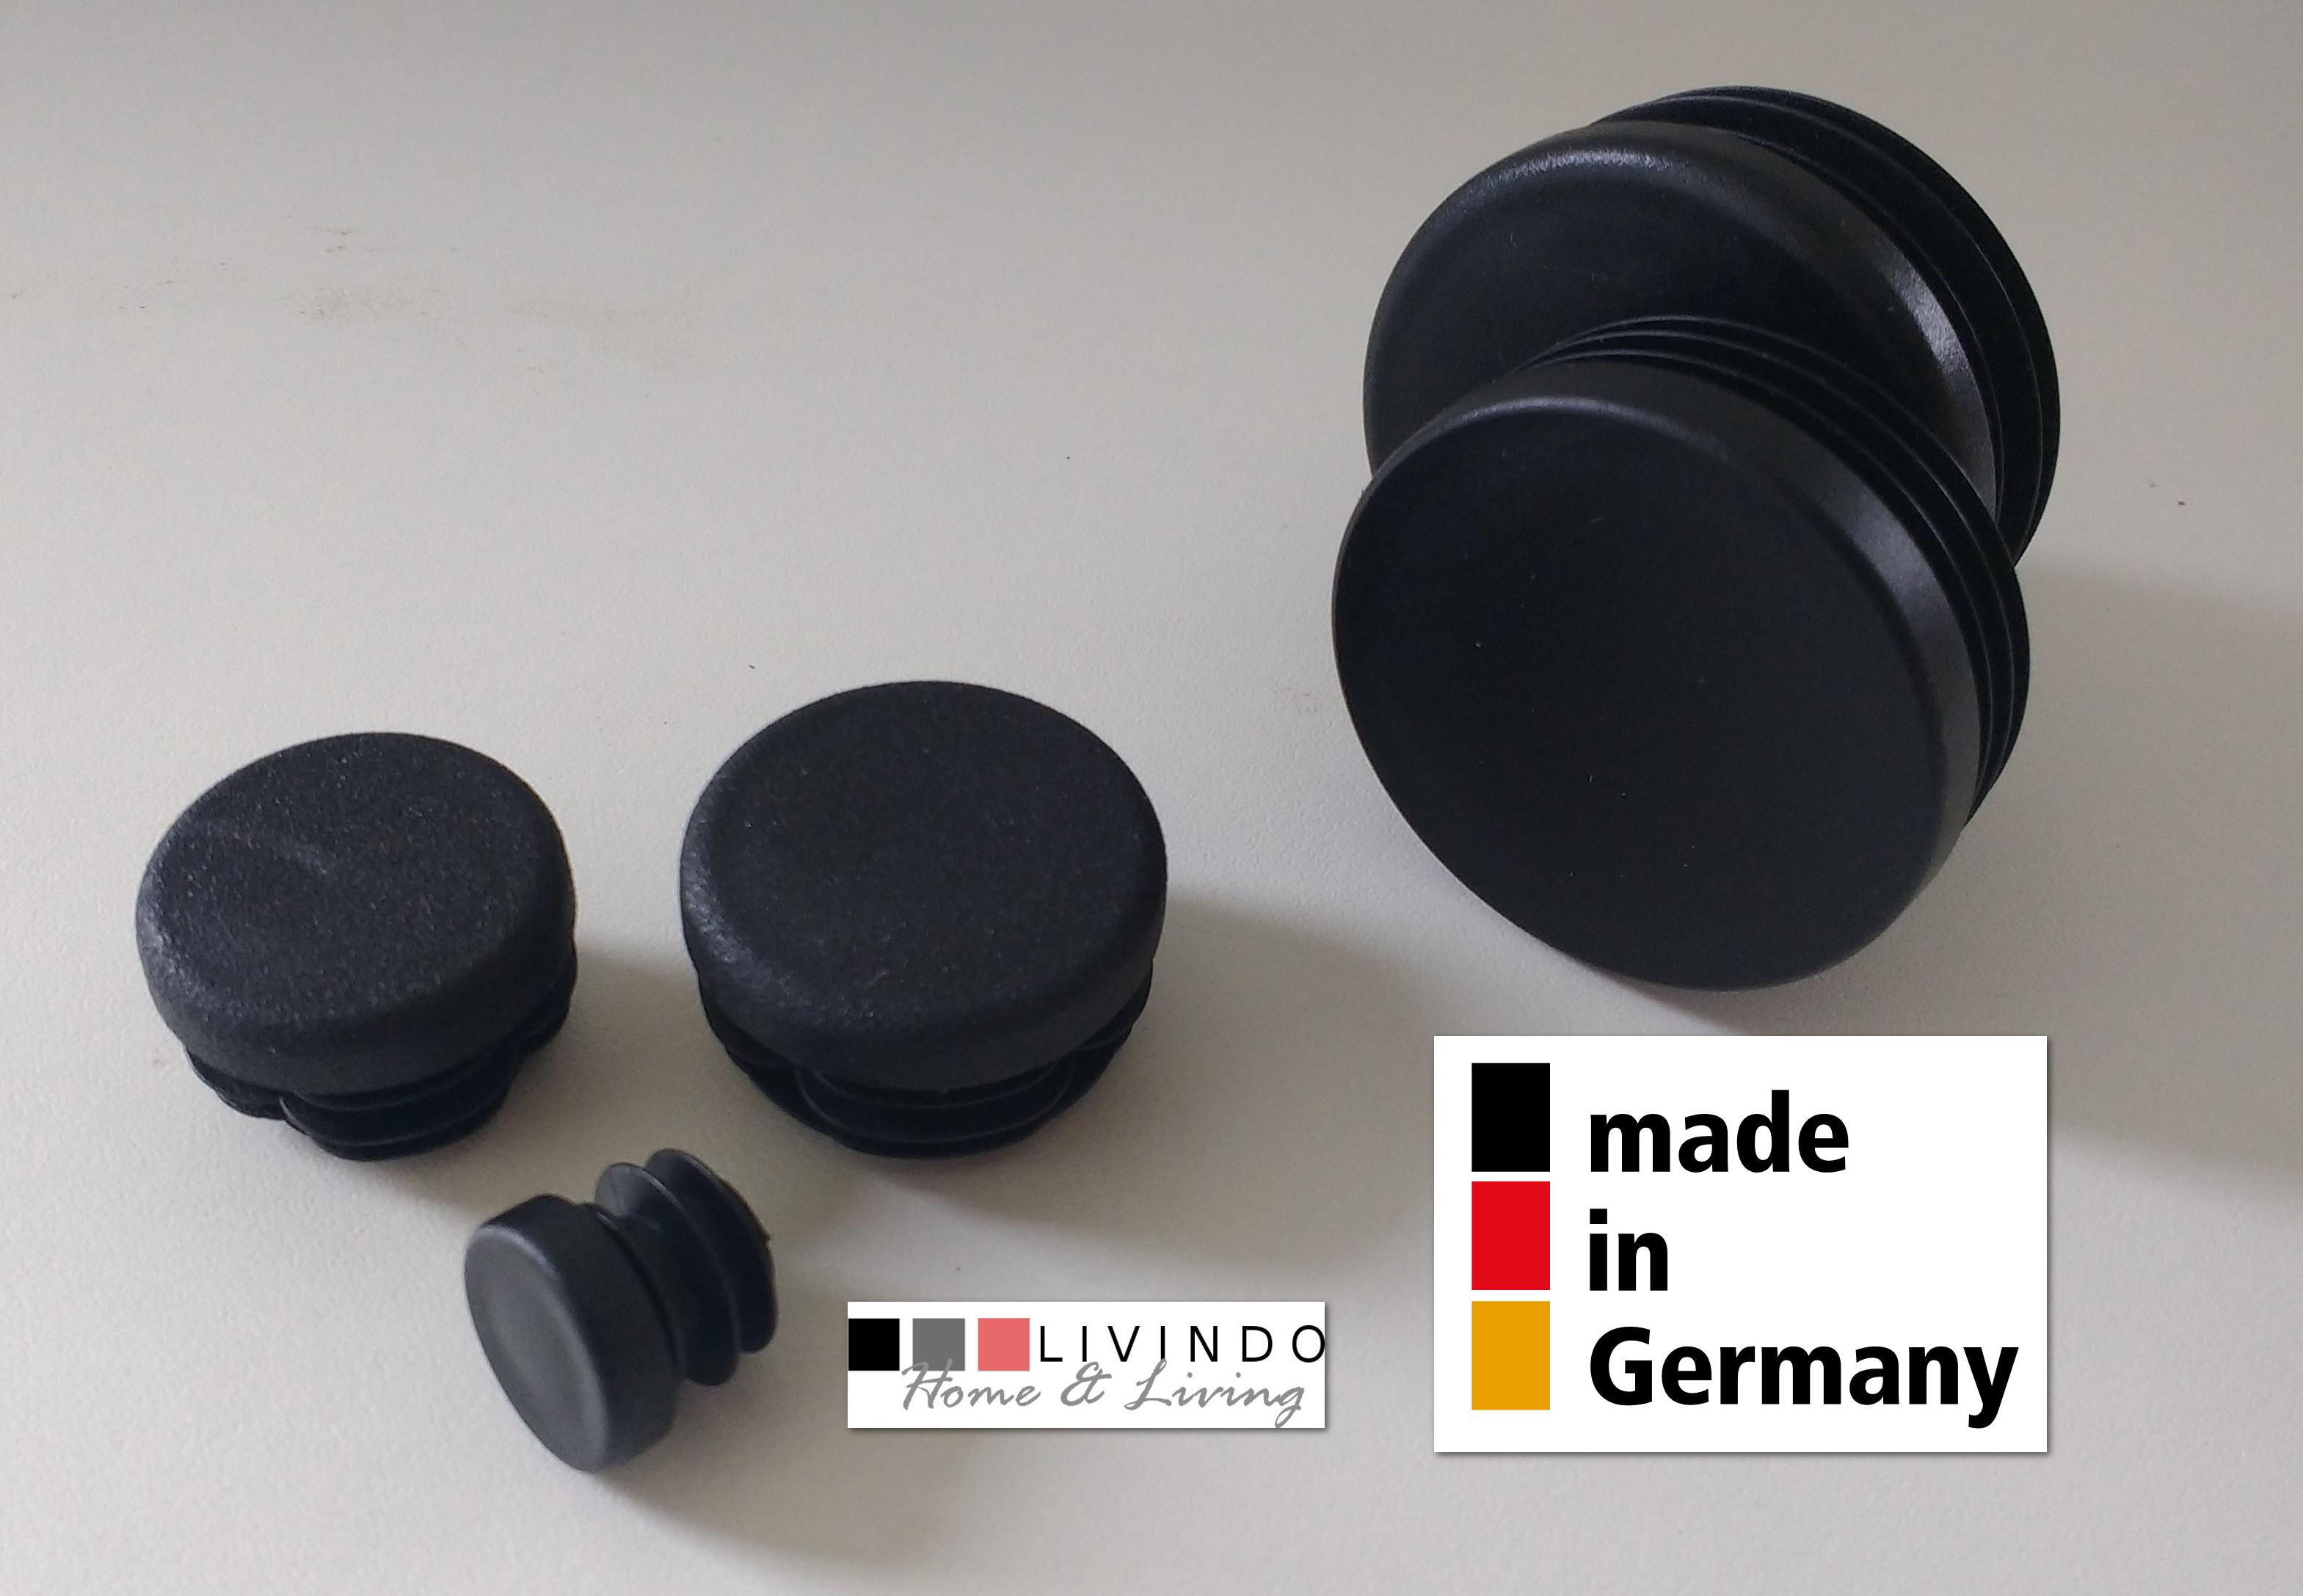 20 Stck. Lamellenstopfen Rohrstopfen Pfostenkappen Rund 12 mm Schwarz